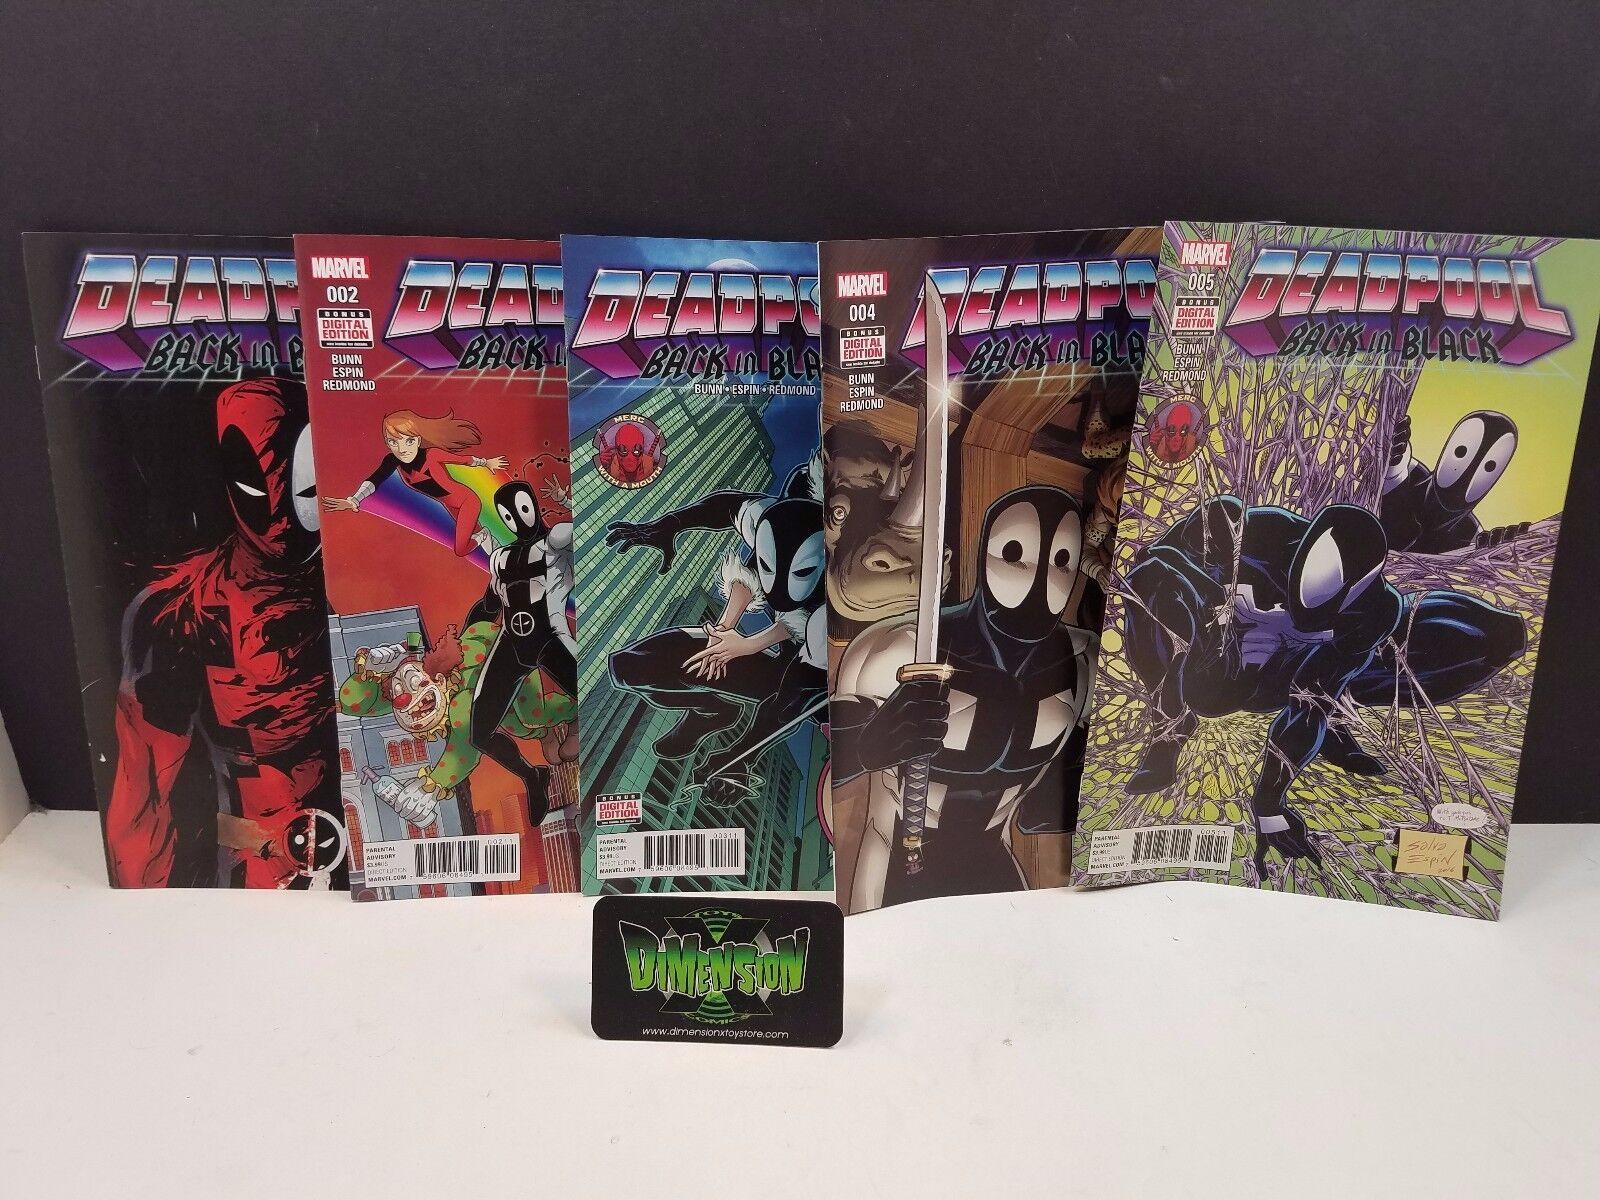 Deadpool Back in Black #1,2,3,4,5 Set NM Marvel Comics Full Run Spider Venom